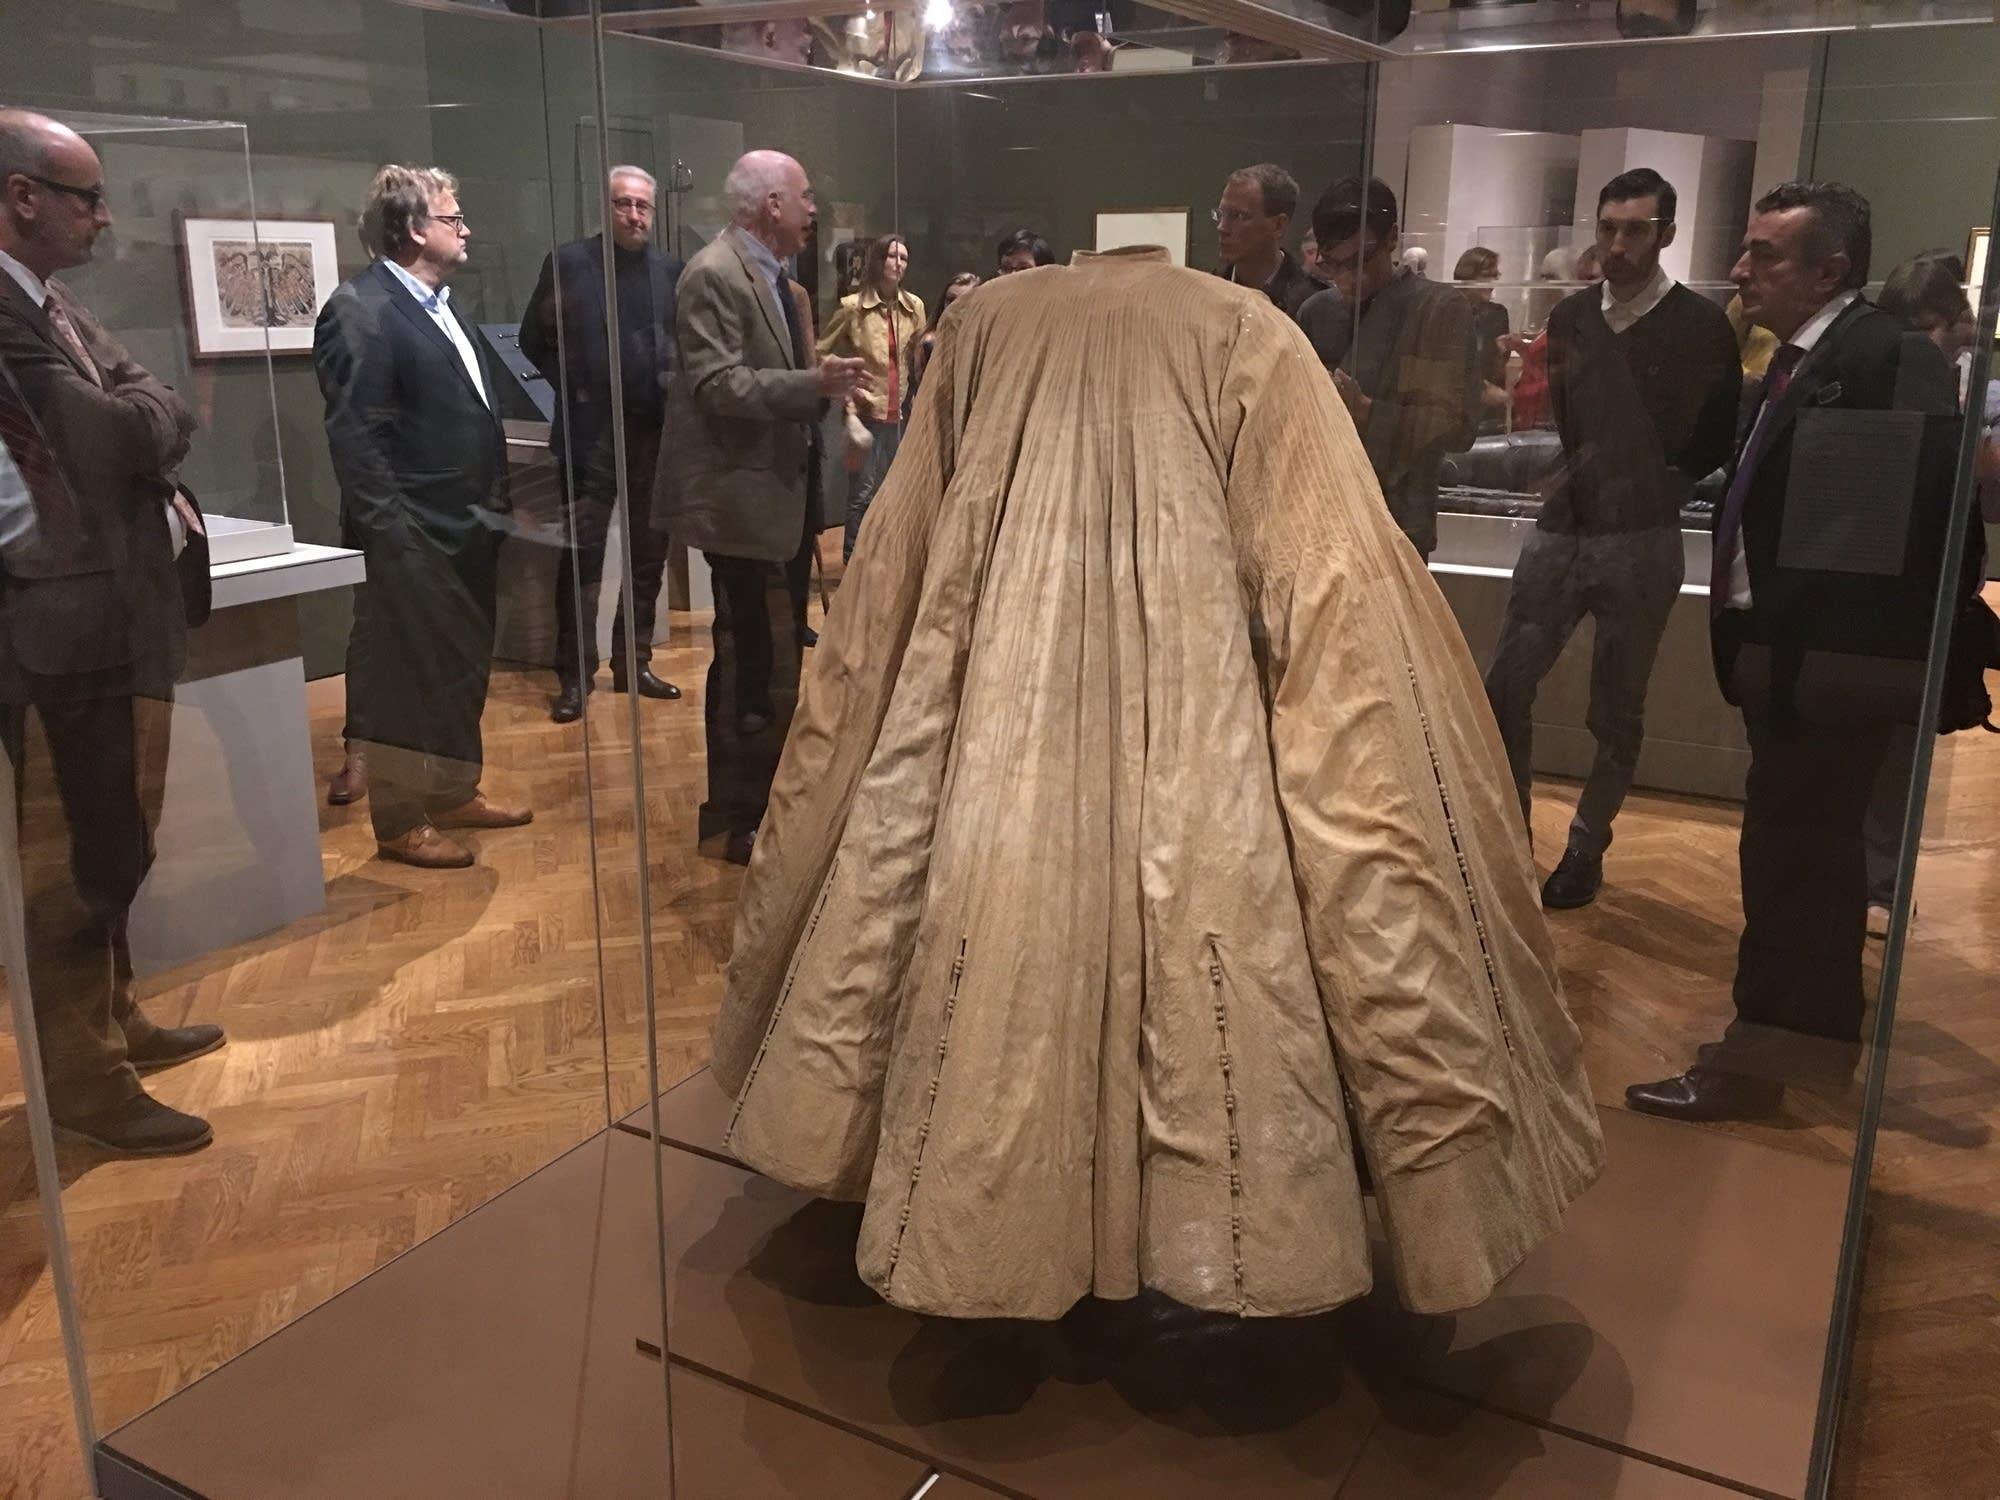 Pilgrimage robe of Maximilian I